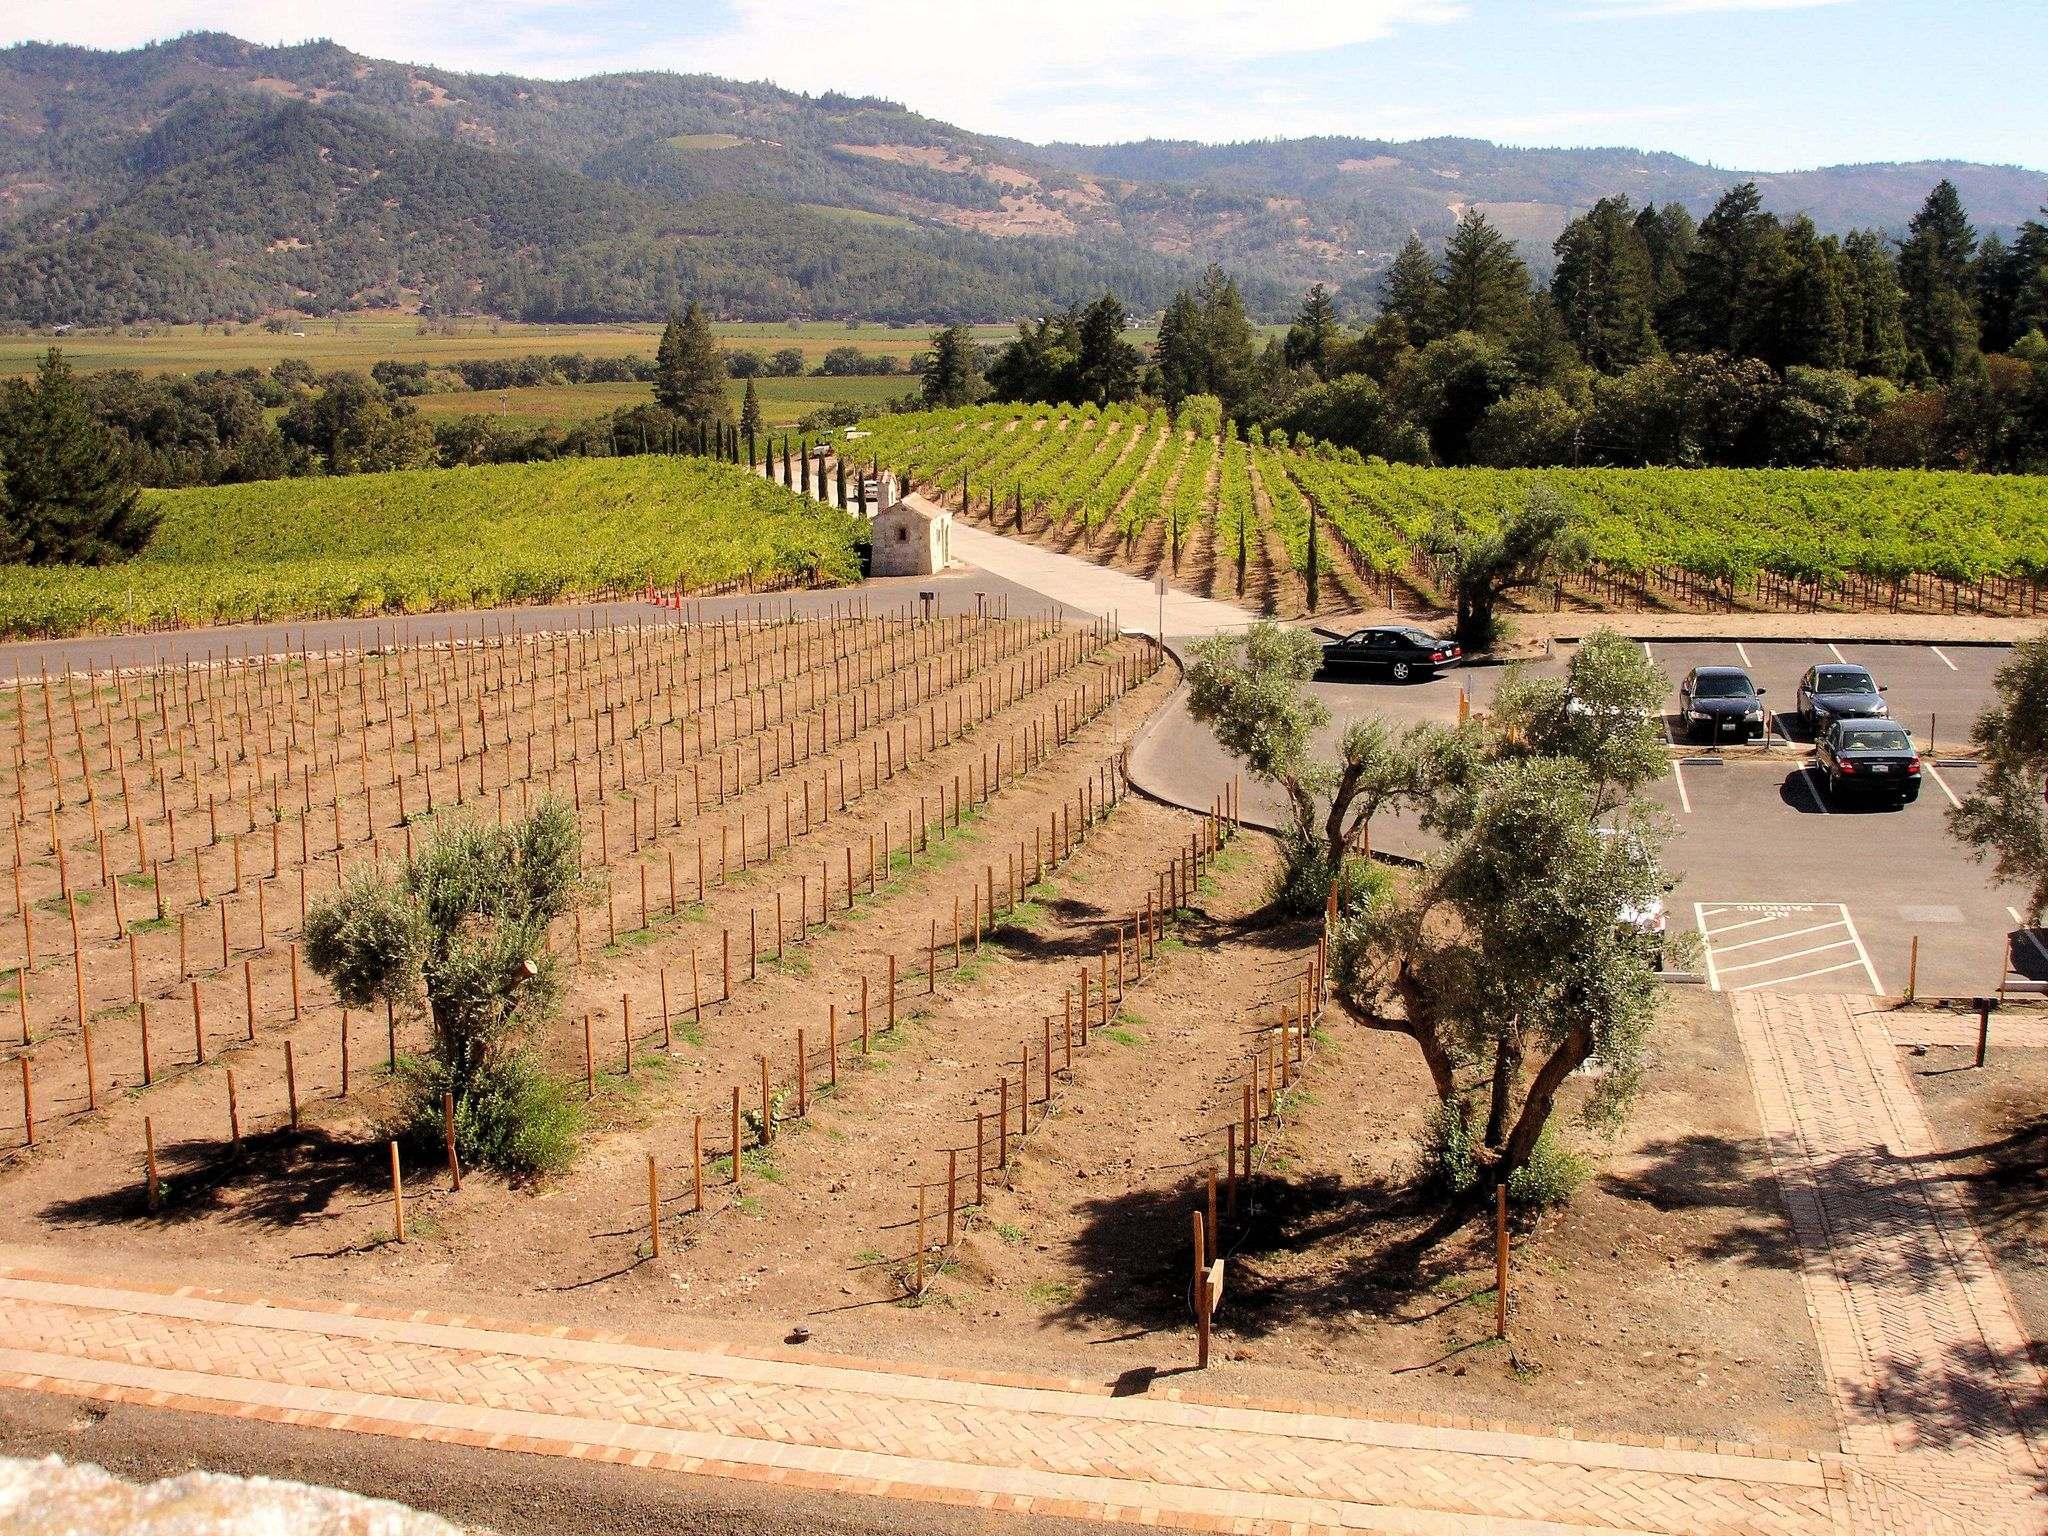 castello di amorosa12 Castello di Amorosa Winery in Napa Valley, California